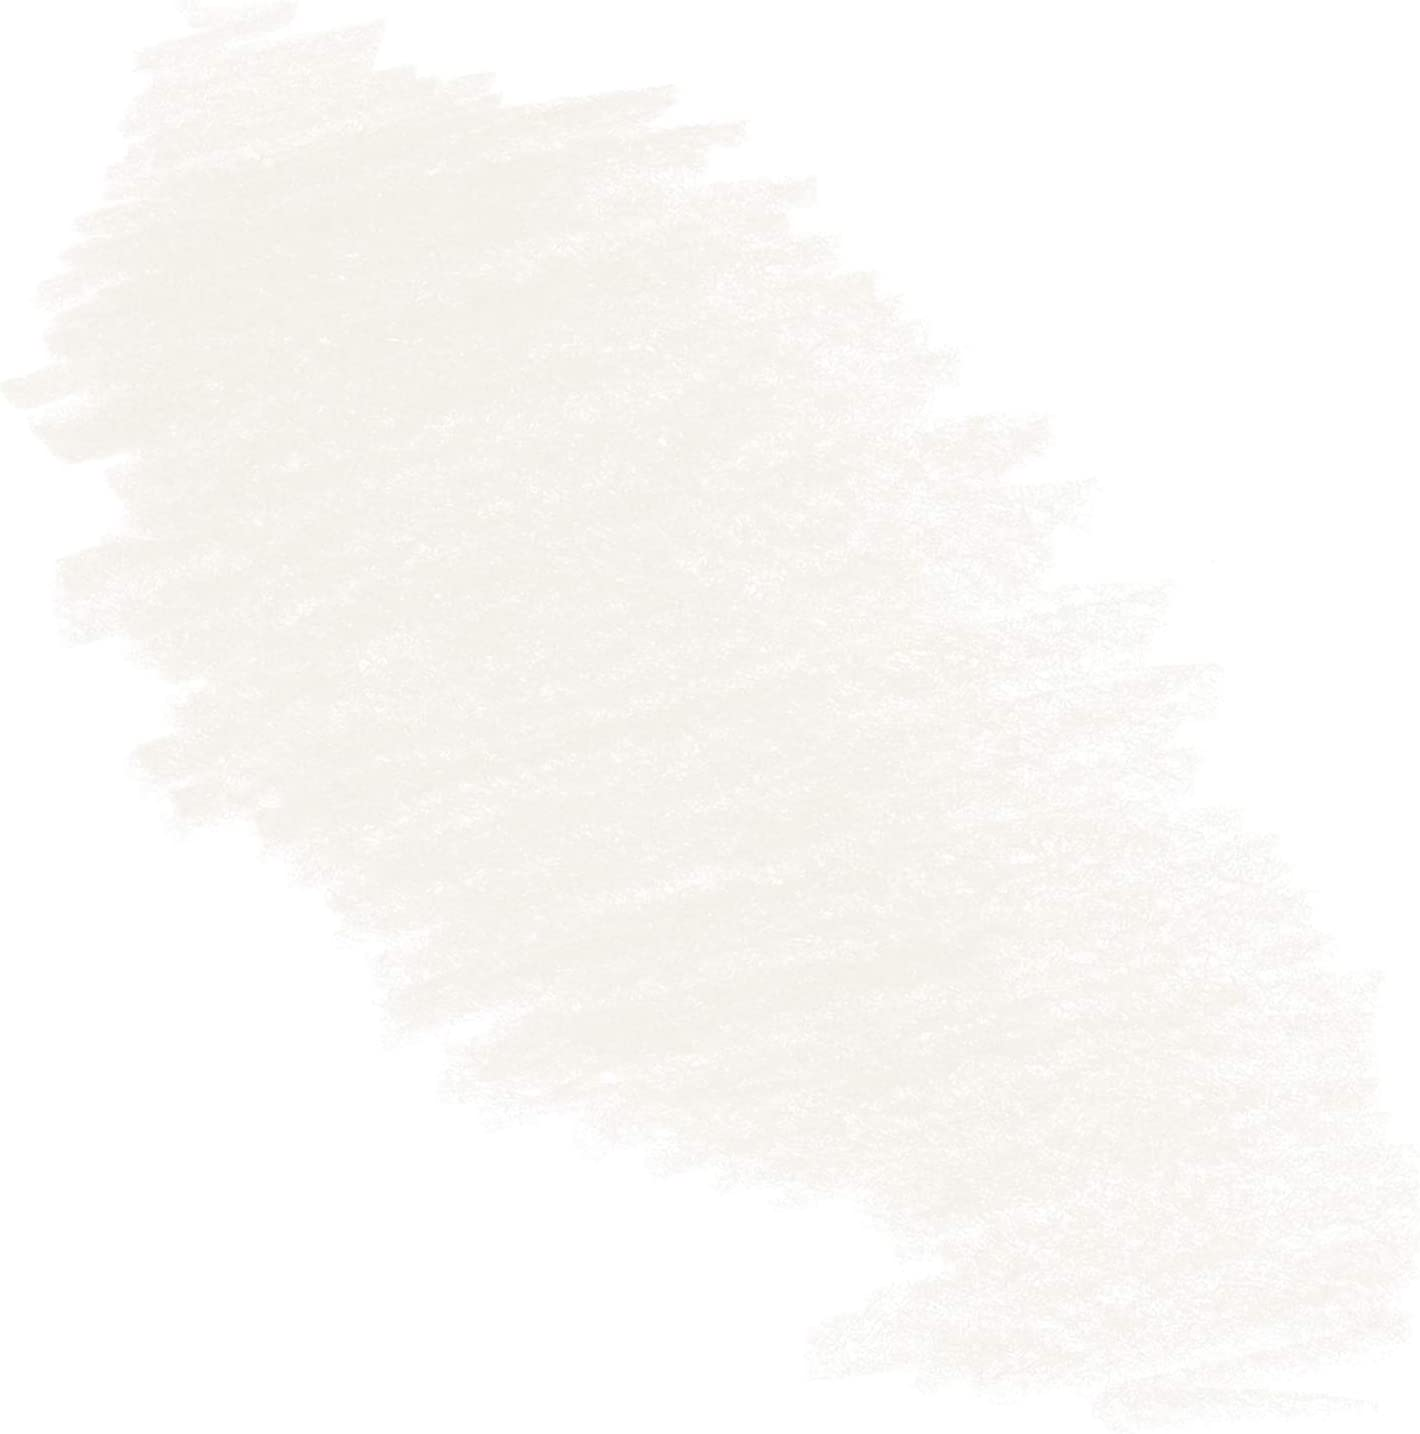 Winsor & Newton Derwent Inktense Pencil- Antique White